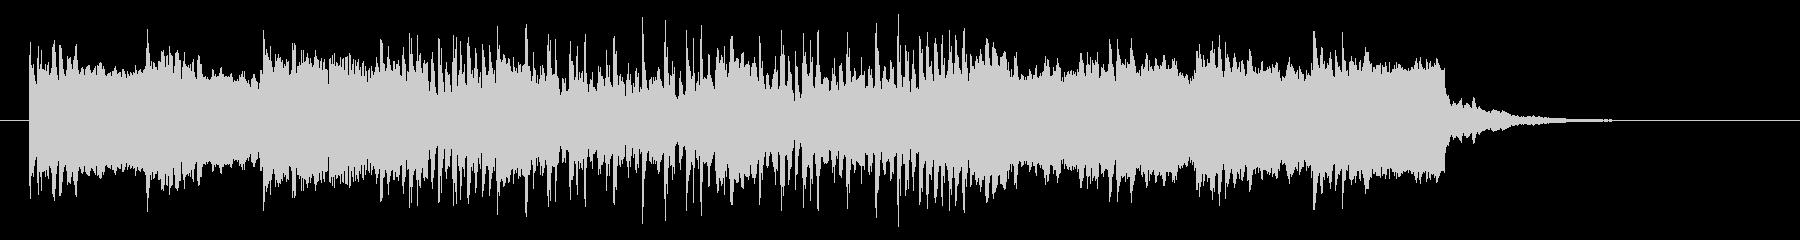 ドキドキ感とシリアスなシンセサウンドの未再生の波形